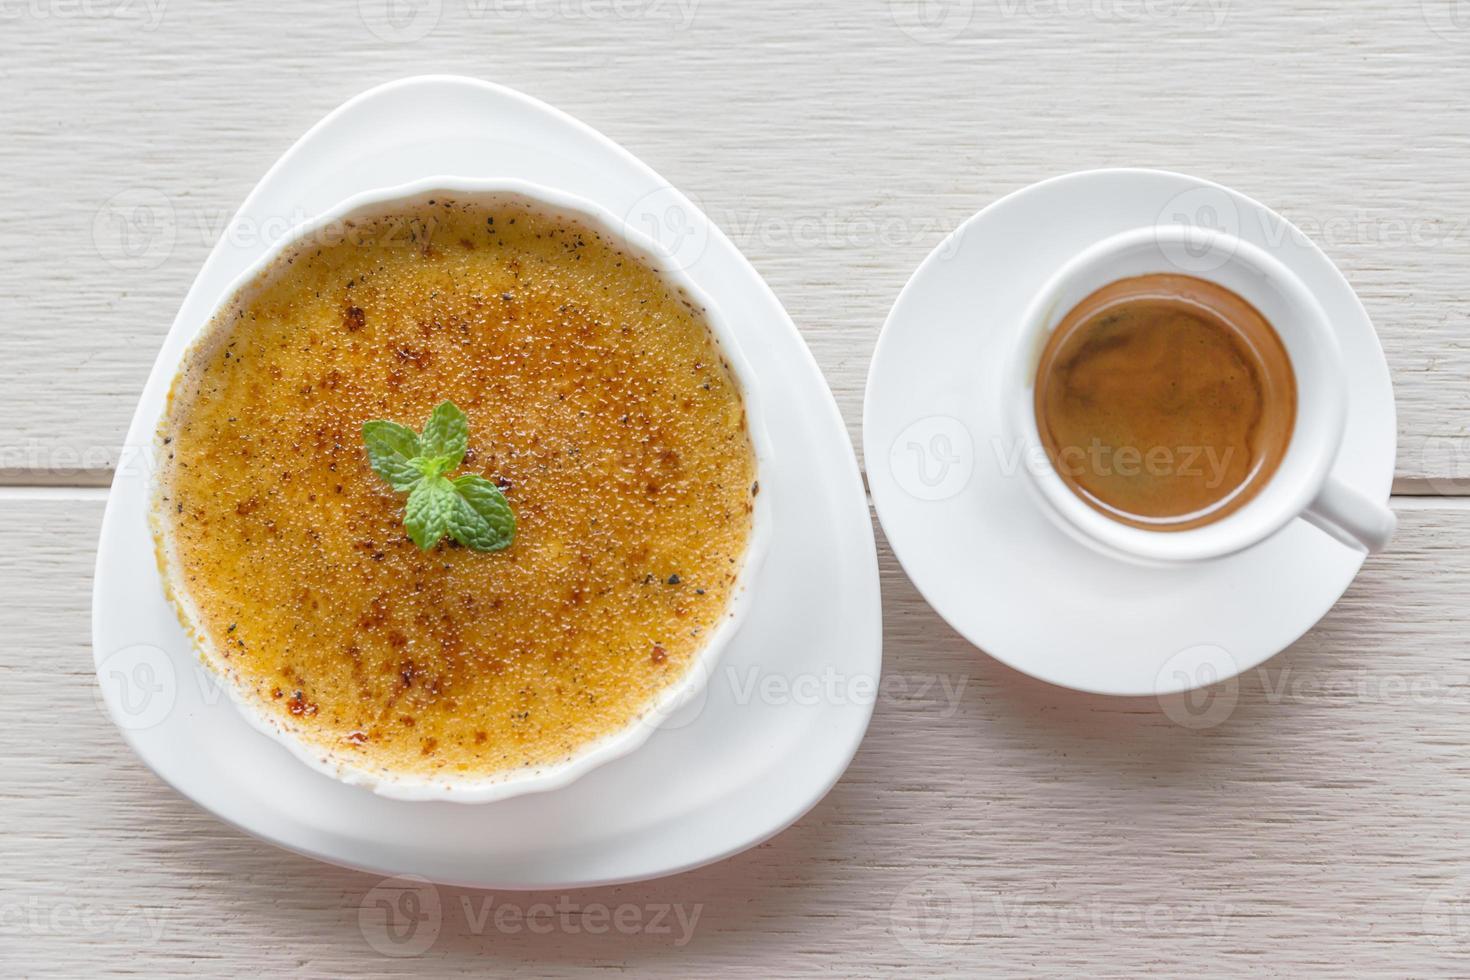 bebida de café expresso em caneca branca simples - creme brulee foto